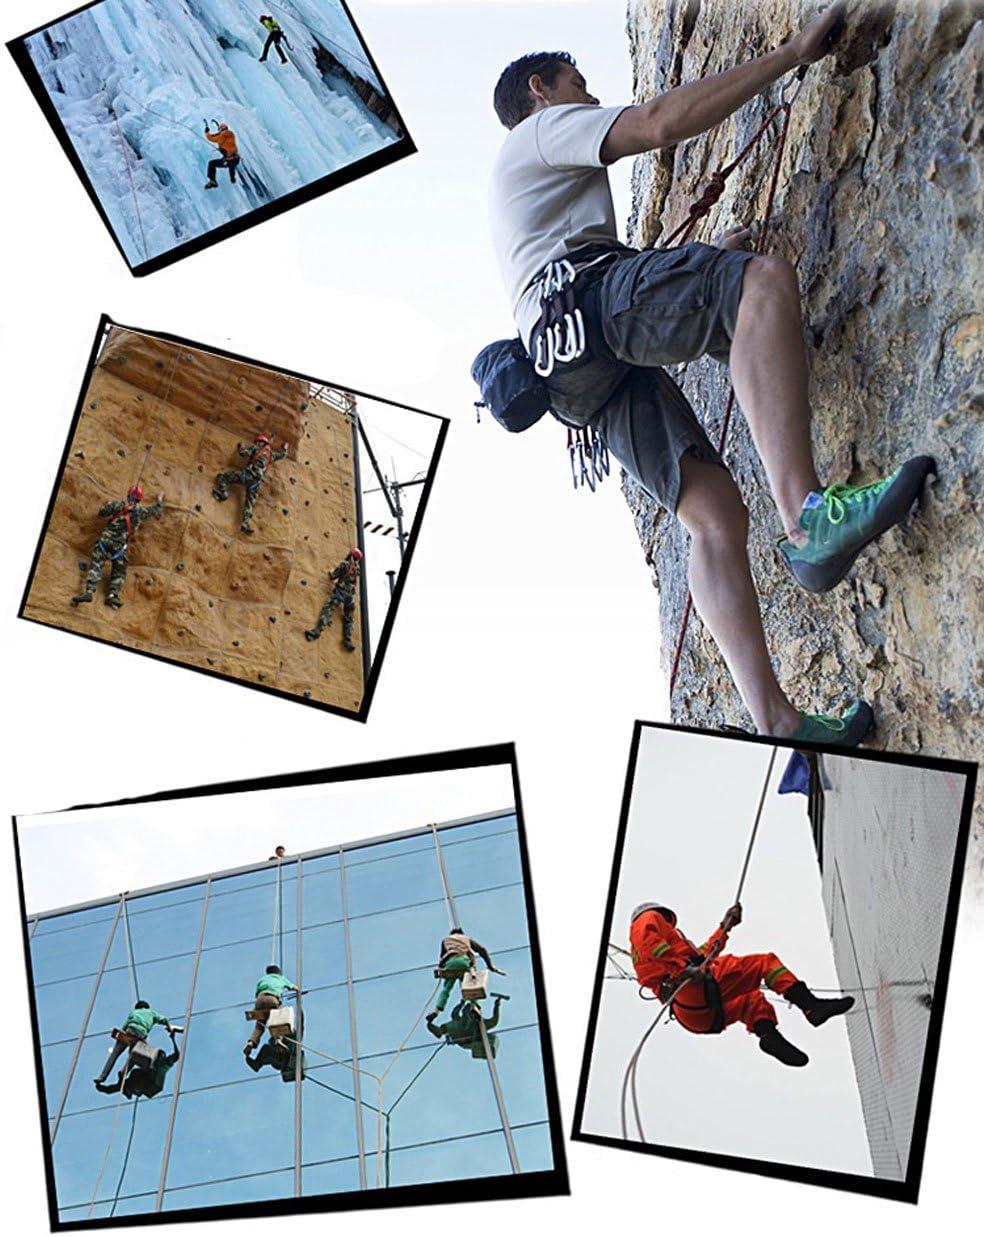 Wolike Cuerda de escalada profesional de 10,20 metros de longitud para rafeling, para excursiones al aire libre, accesorios de 12 mm de diámetro, 12 ...